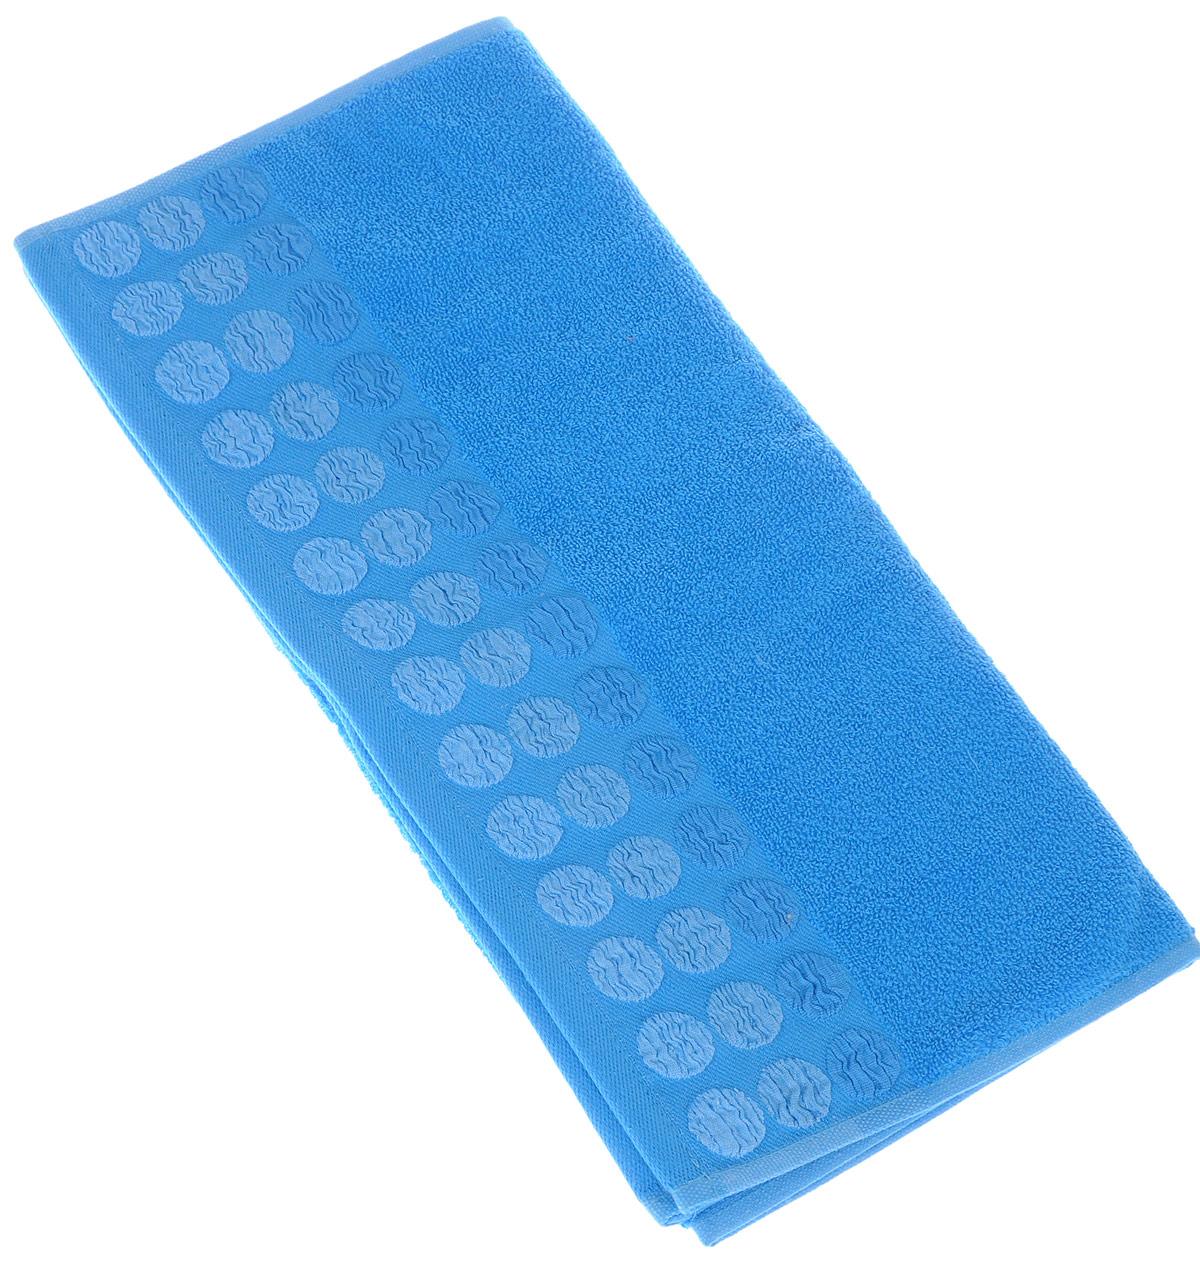 Полотенце Brielle Point, цвет: синий, 50 х 90 см68/5/1Полотенце Brielle Point выполнено из 100% хлопка. Изделие очень мягкое, оно отлично впитывает влагу, быстро сохнет, сохраняет яркость цвета и не теряет формы даже после многократных стирок. Модель оформлена рисунком.Полотенце Brielle Point очень практично и неприхотливо в уходе. Такое полотенце послужит приятным подарком.